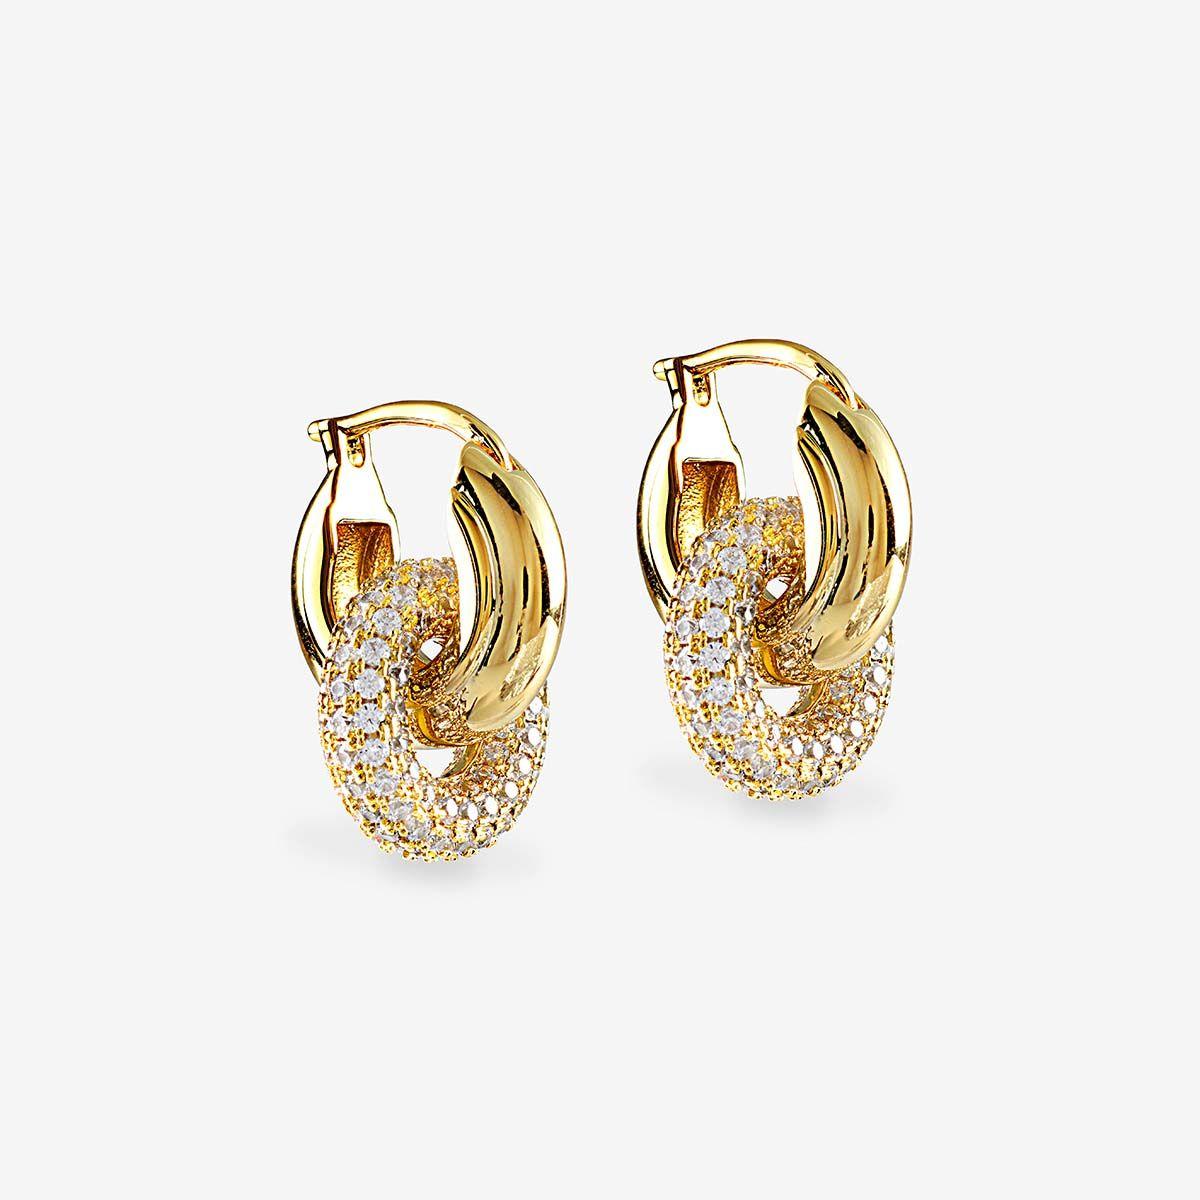 The Pave Interlock Hoops - Creolen - Gold